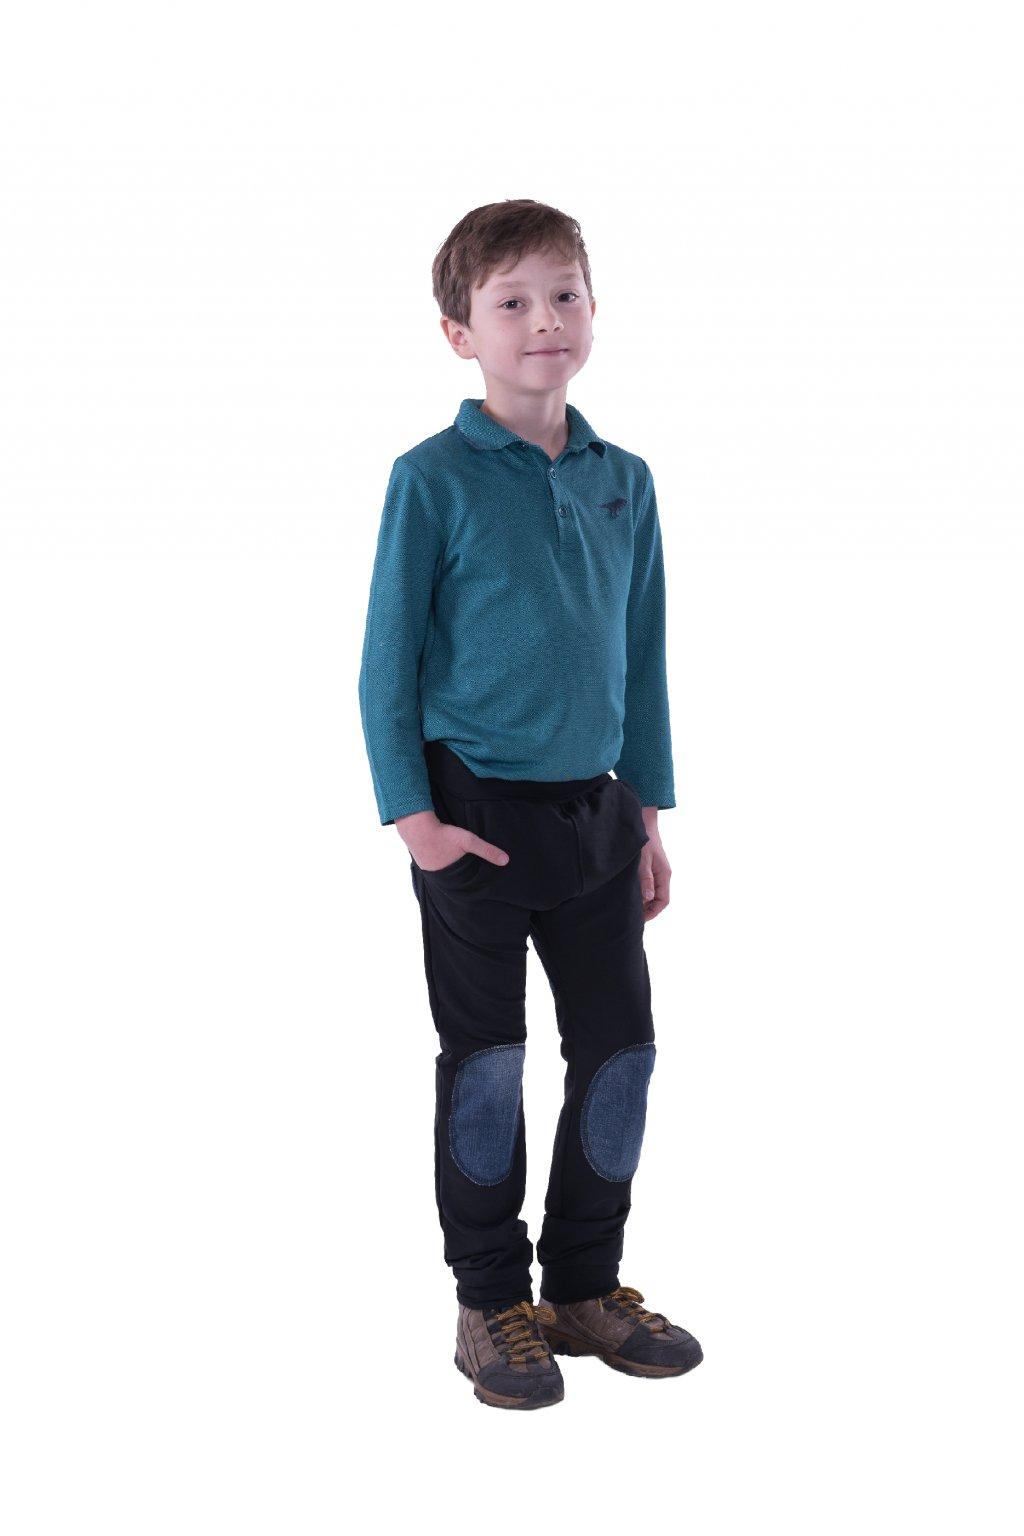 Dětské baggy kalhoty (Velikost 110/116 - výška postavy 116 cm, Barva Černá/tyrkysová)